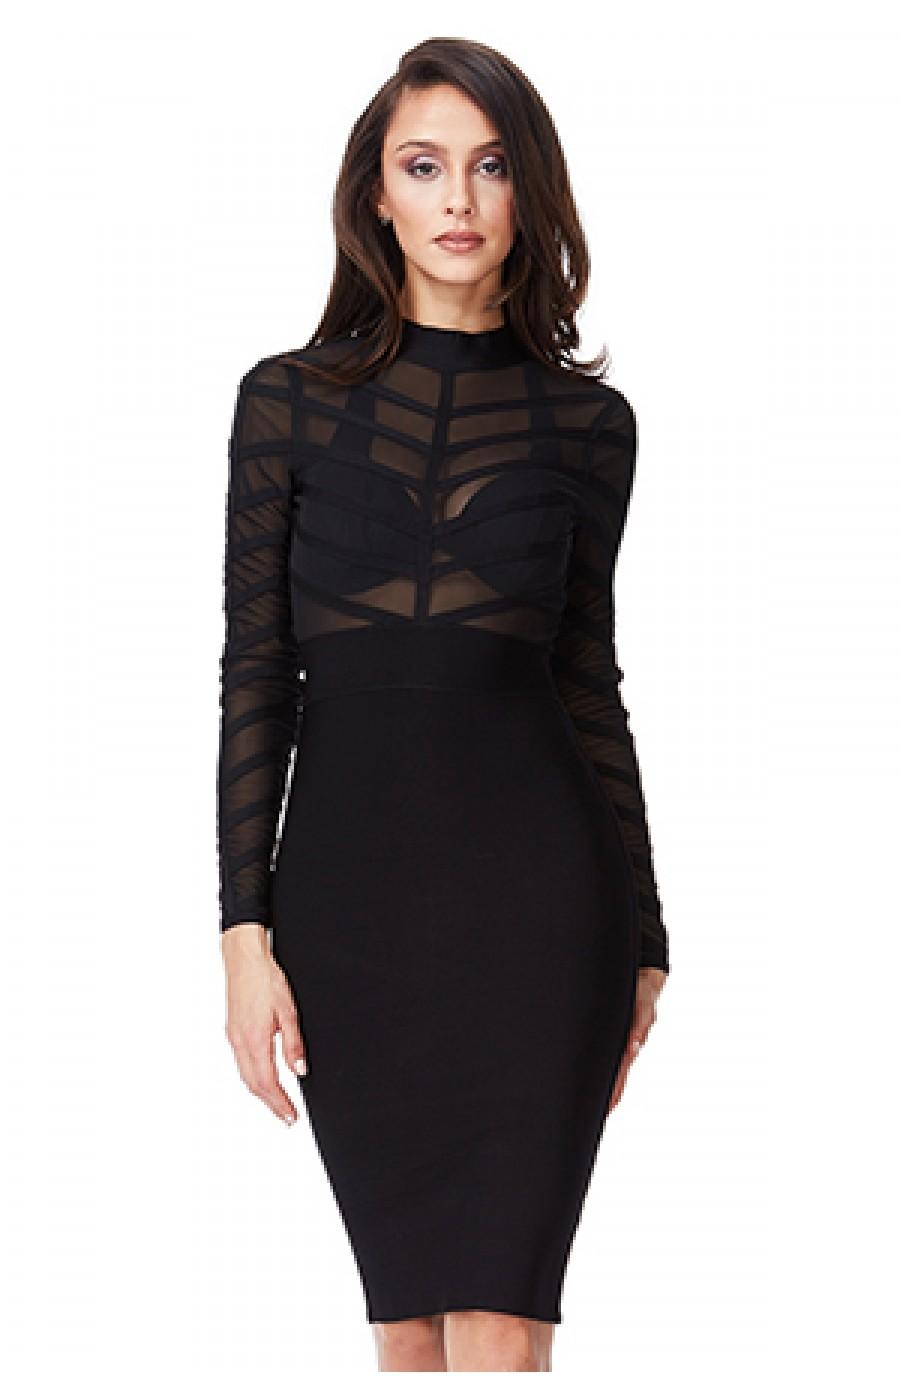 Μαύρο λαστιχωτό φόρεμα με διαφάνειες